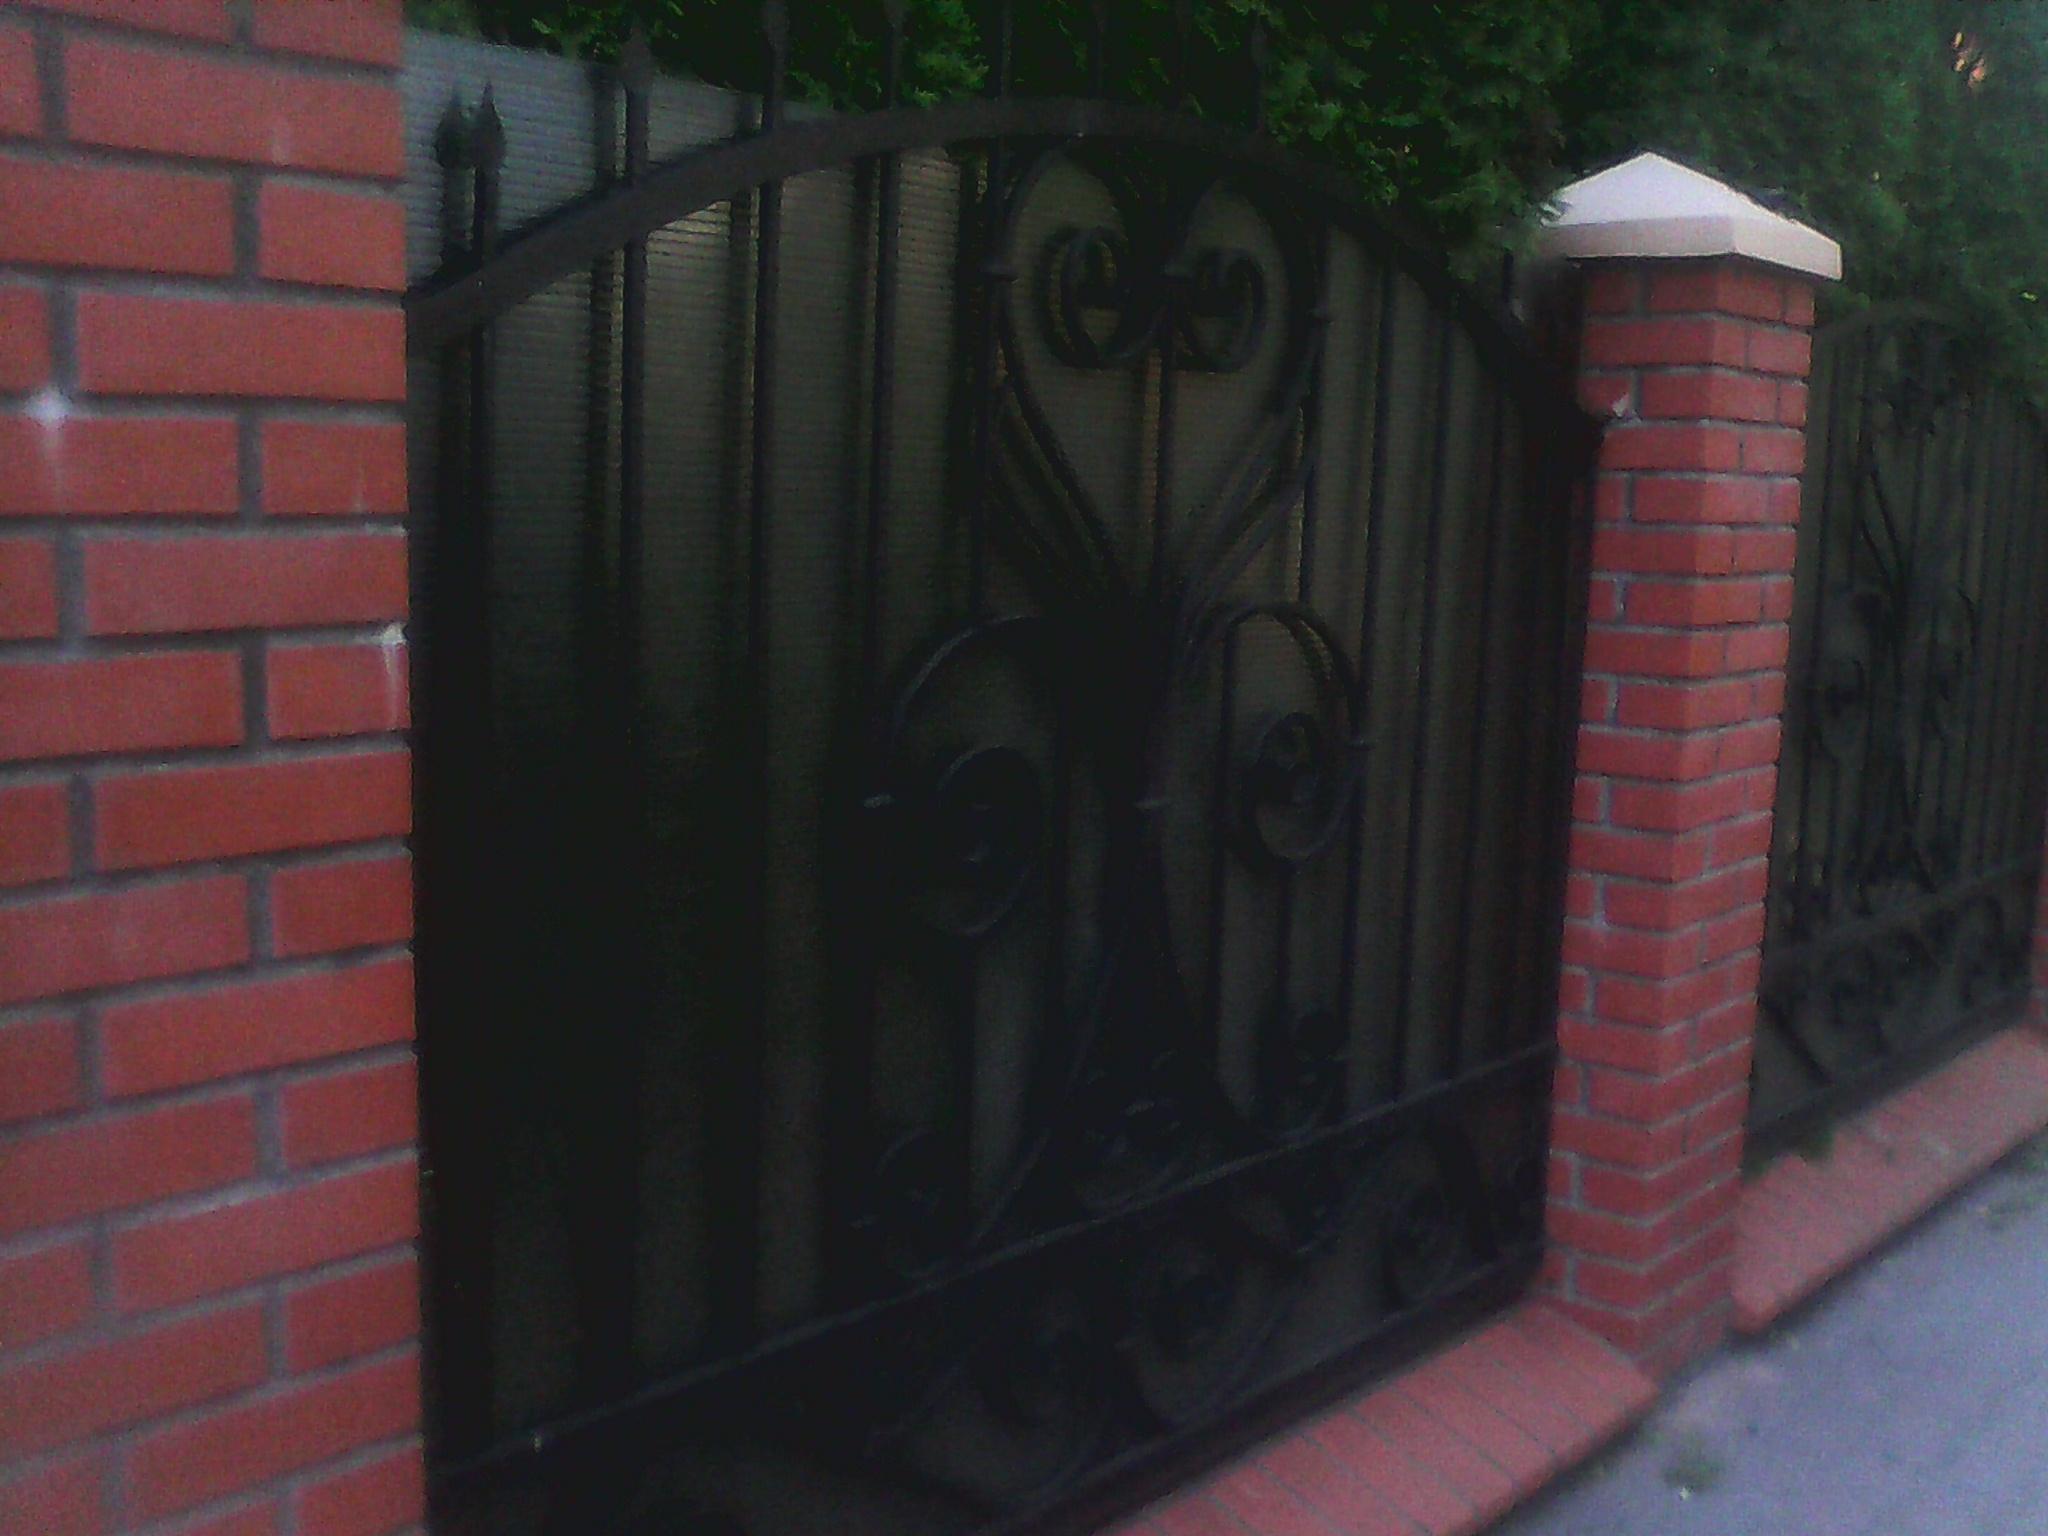 3) Забор кованый с поликорбанатом